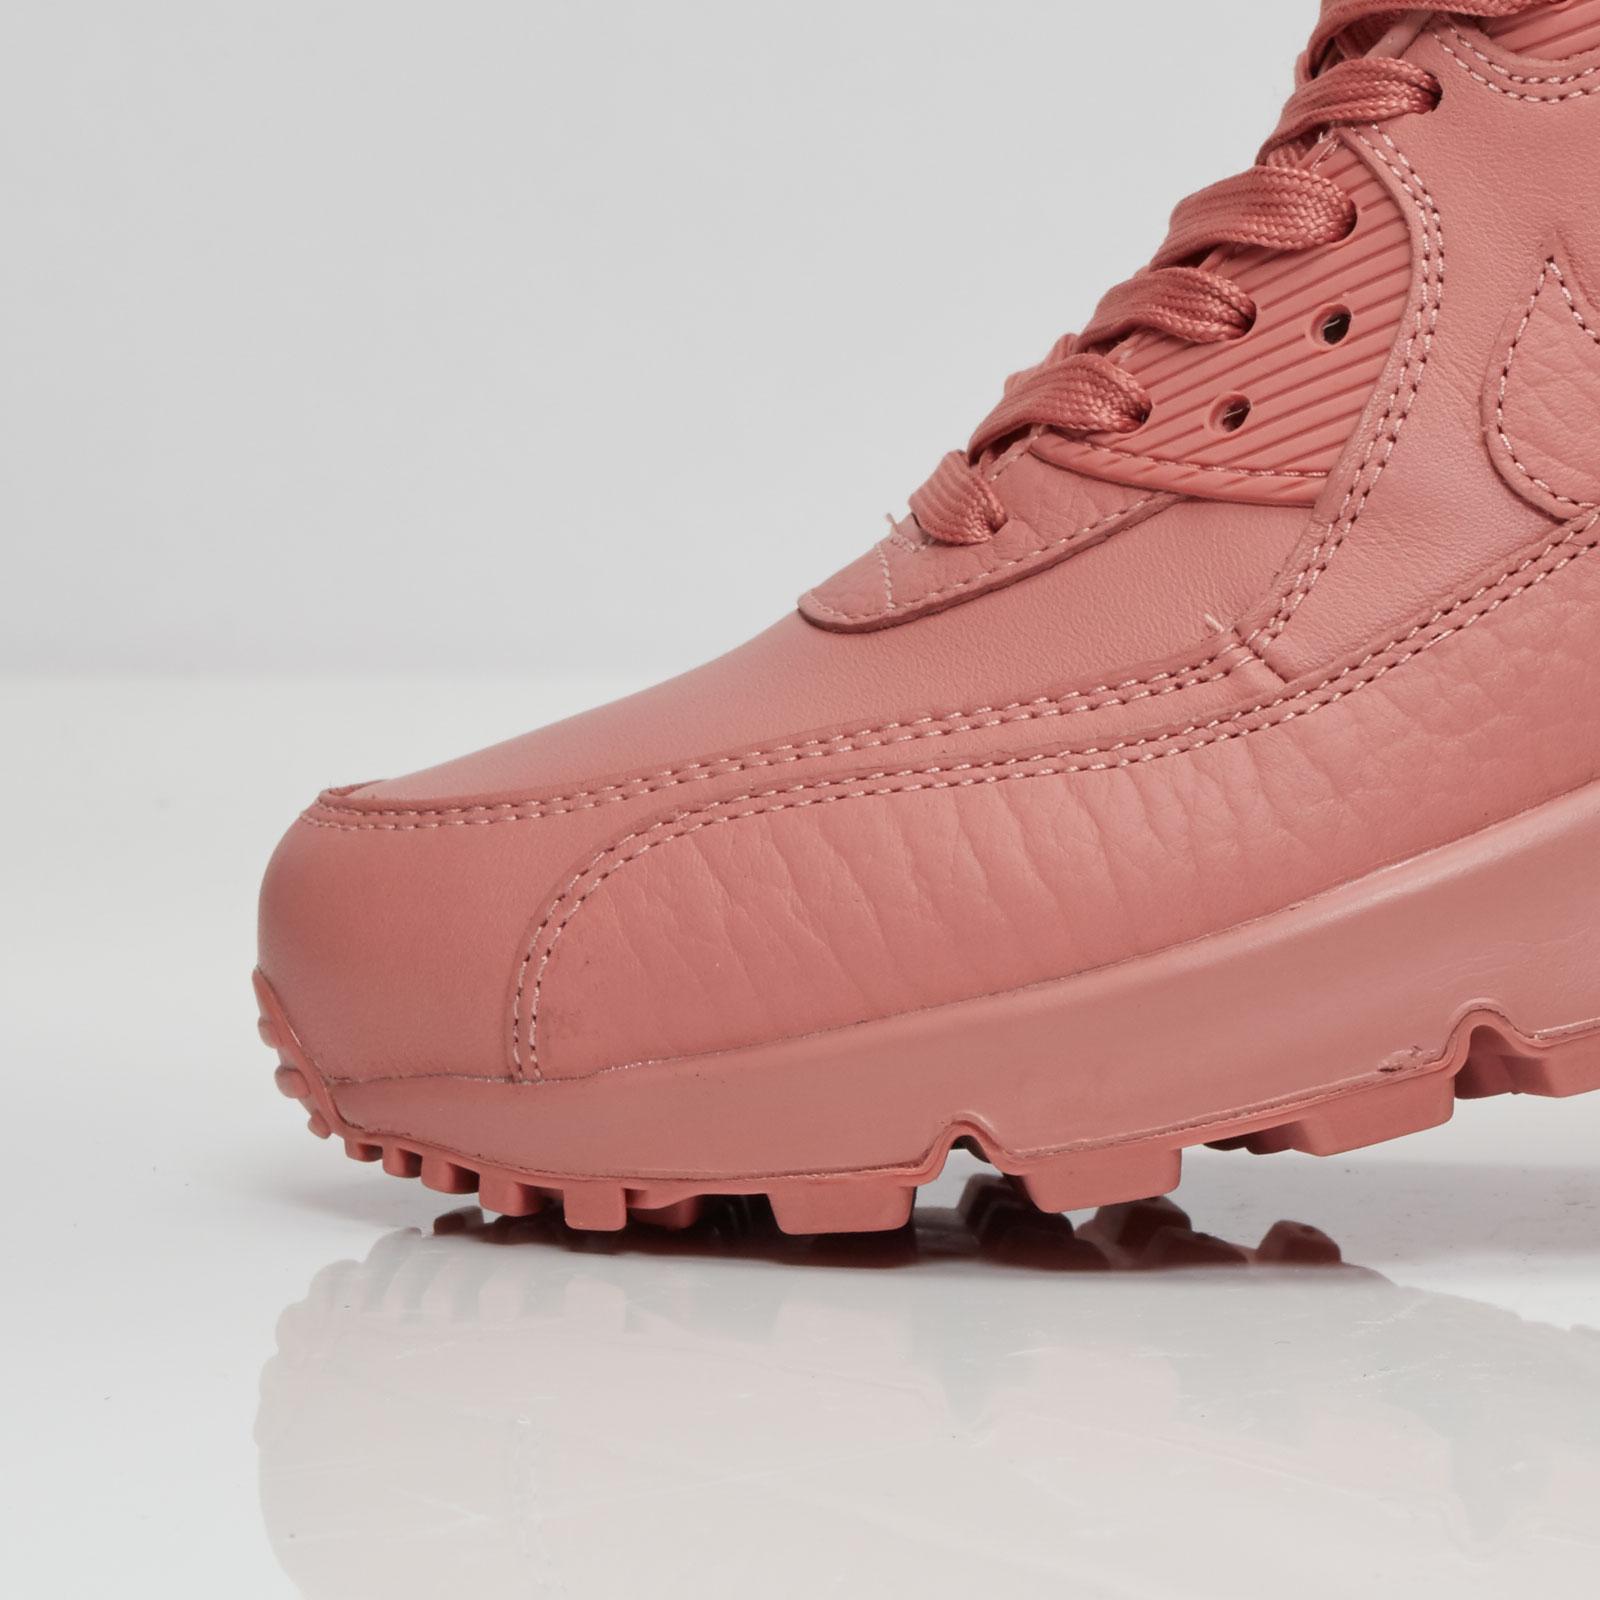 newest 6abe1 8a06e Nike Wmns Air Max 90 Pinnacle - 839612-601 - Sneakersnstuff ...